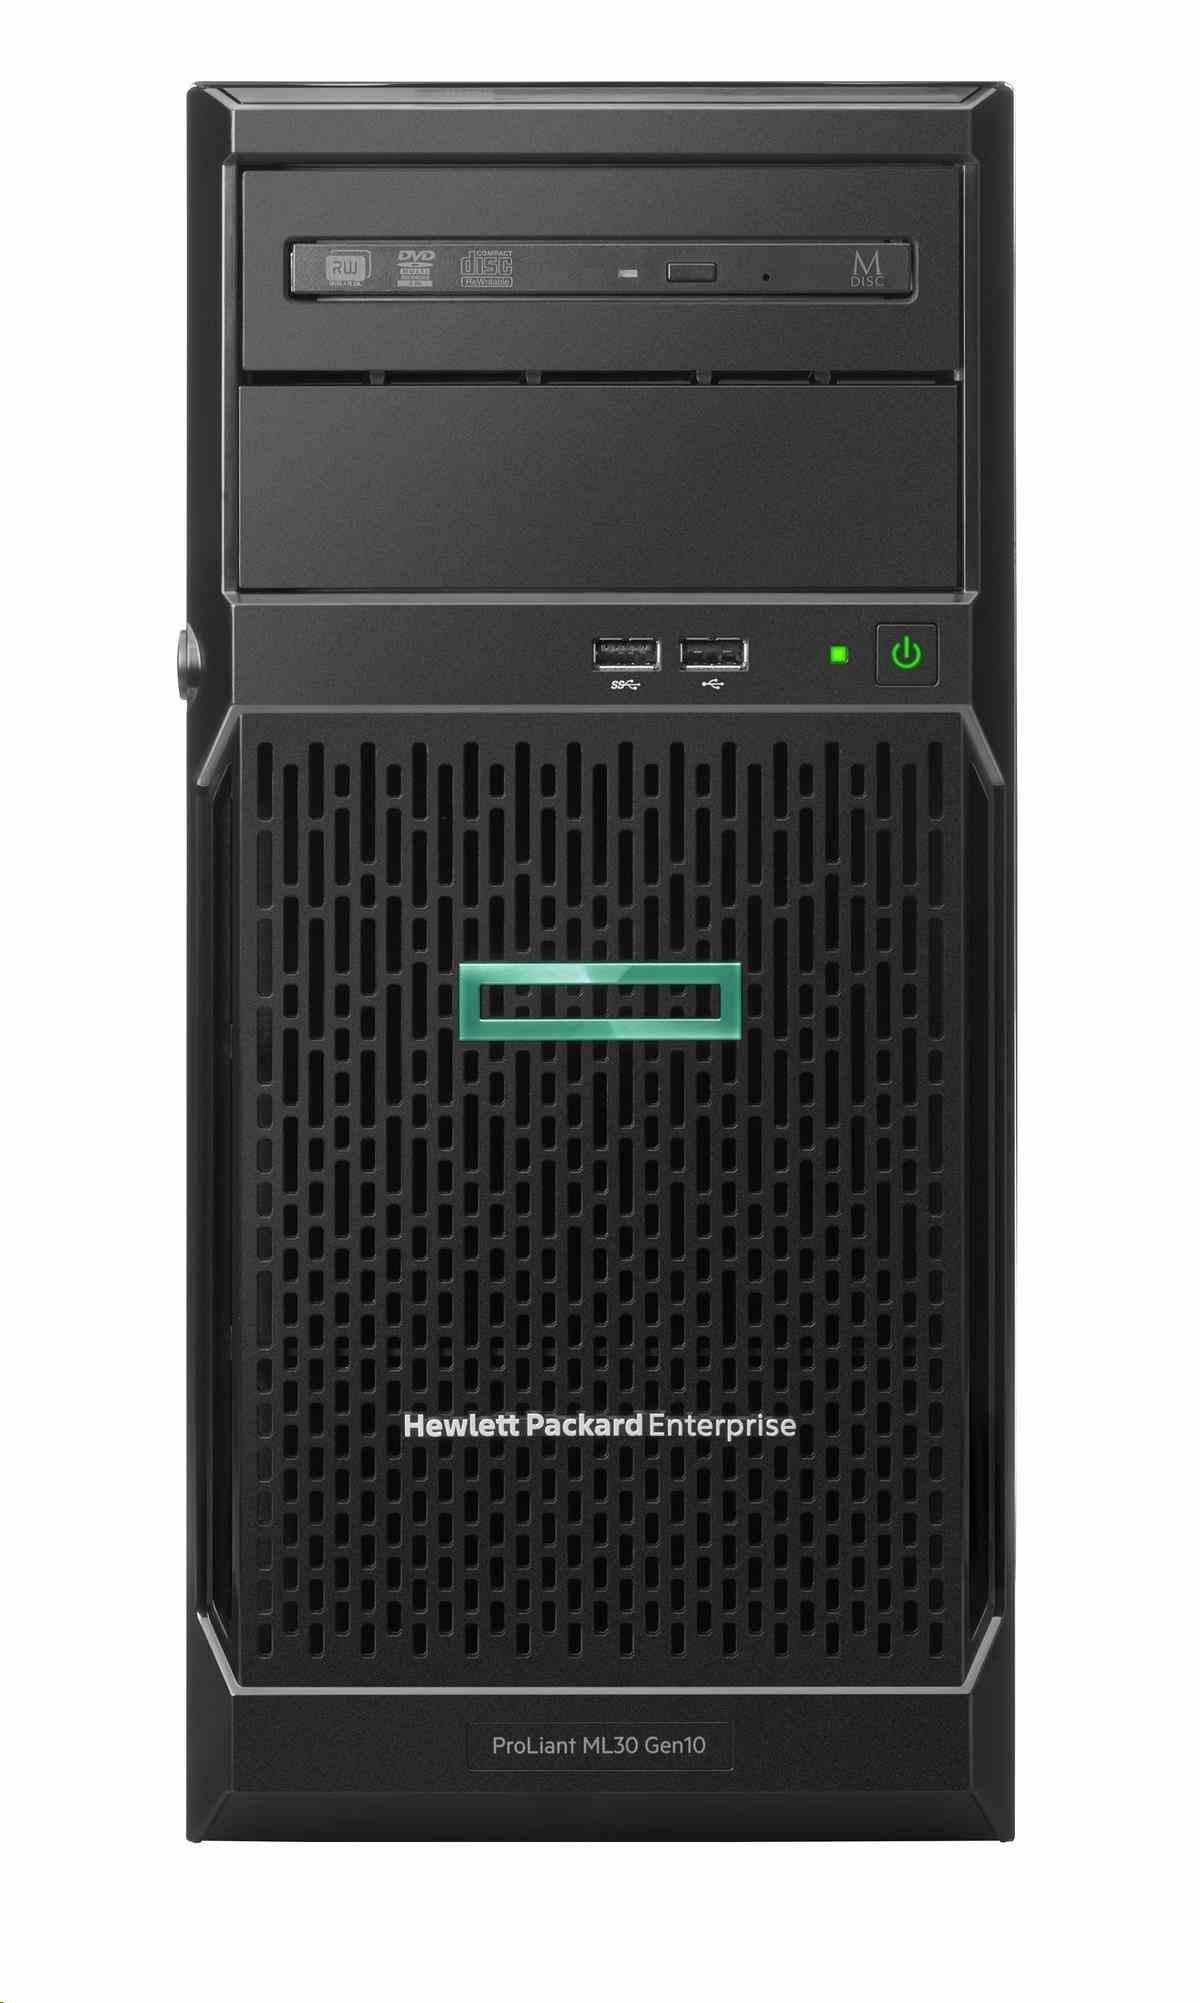 HPE PL ML30G10 E-2124 (3.3G/4C/8M/2666) 8G S100i 4LFF NHP 350Wnrps iLo noDVD NBD311